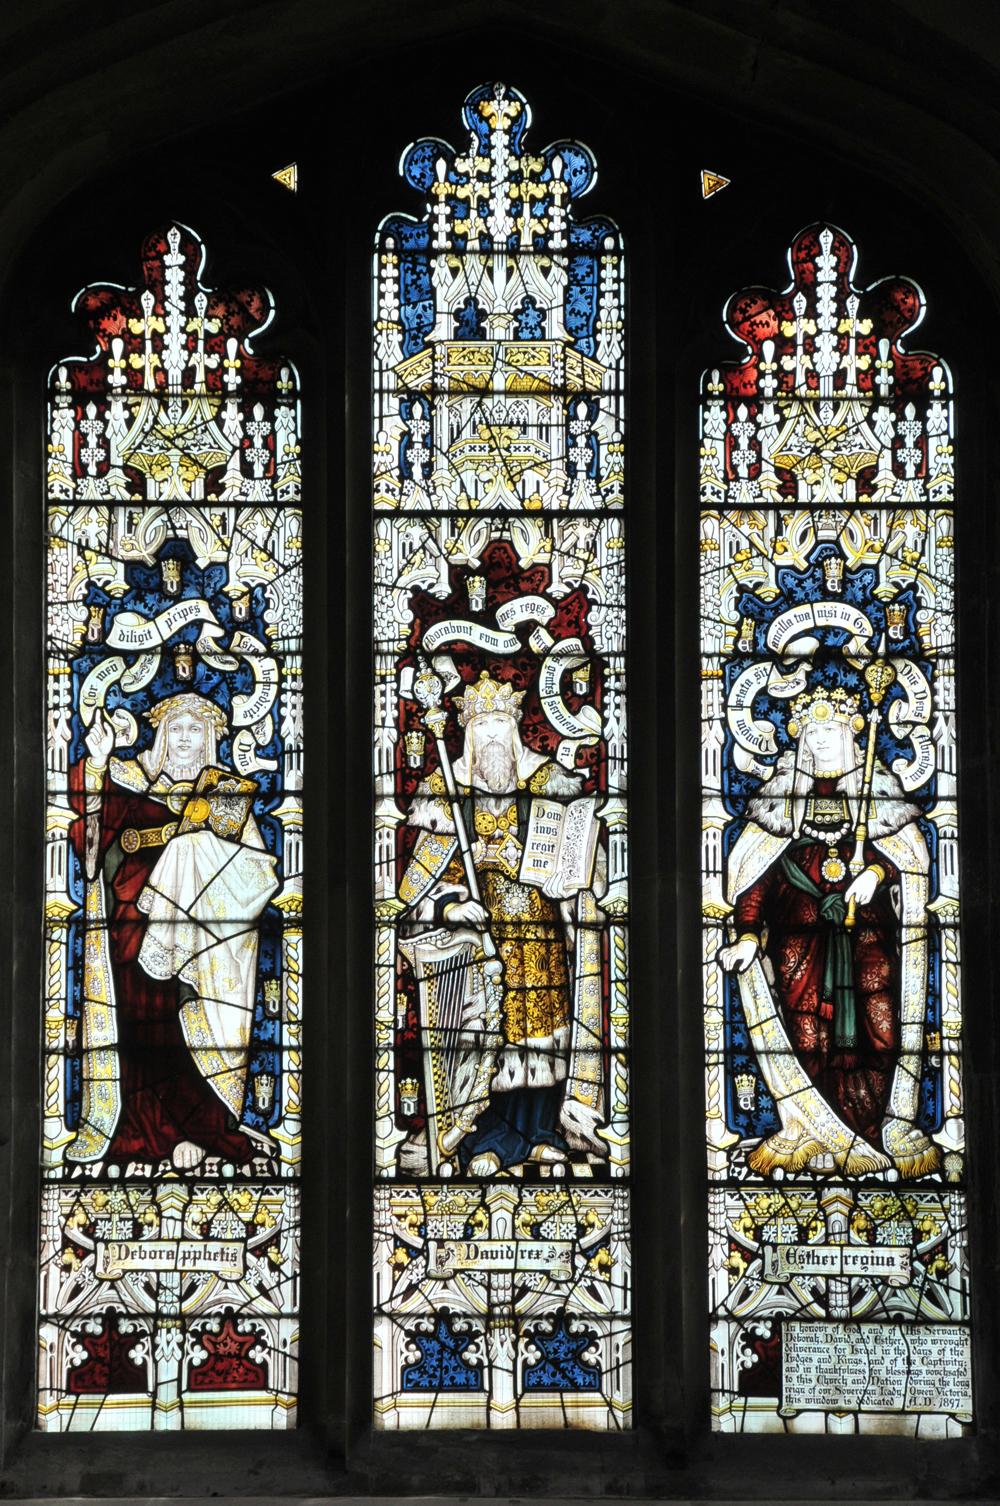 Deborah, David and Esther